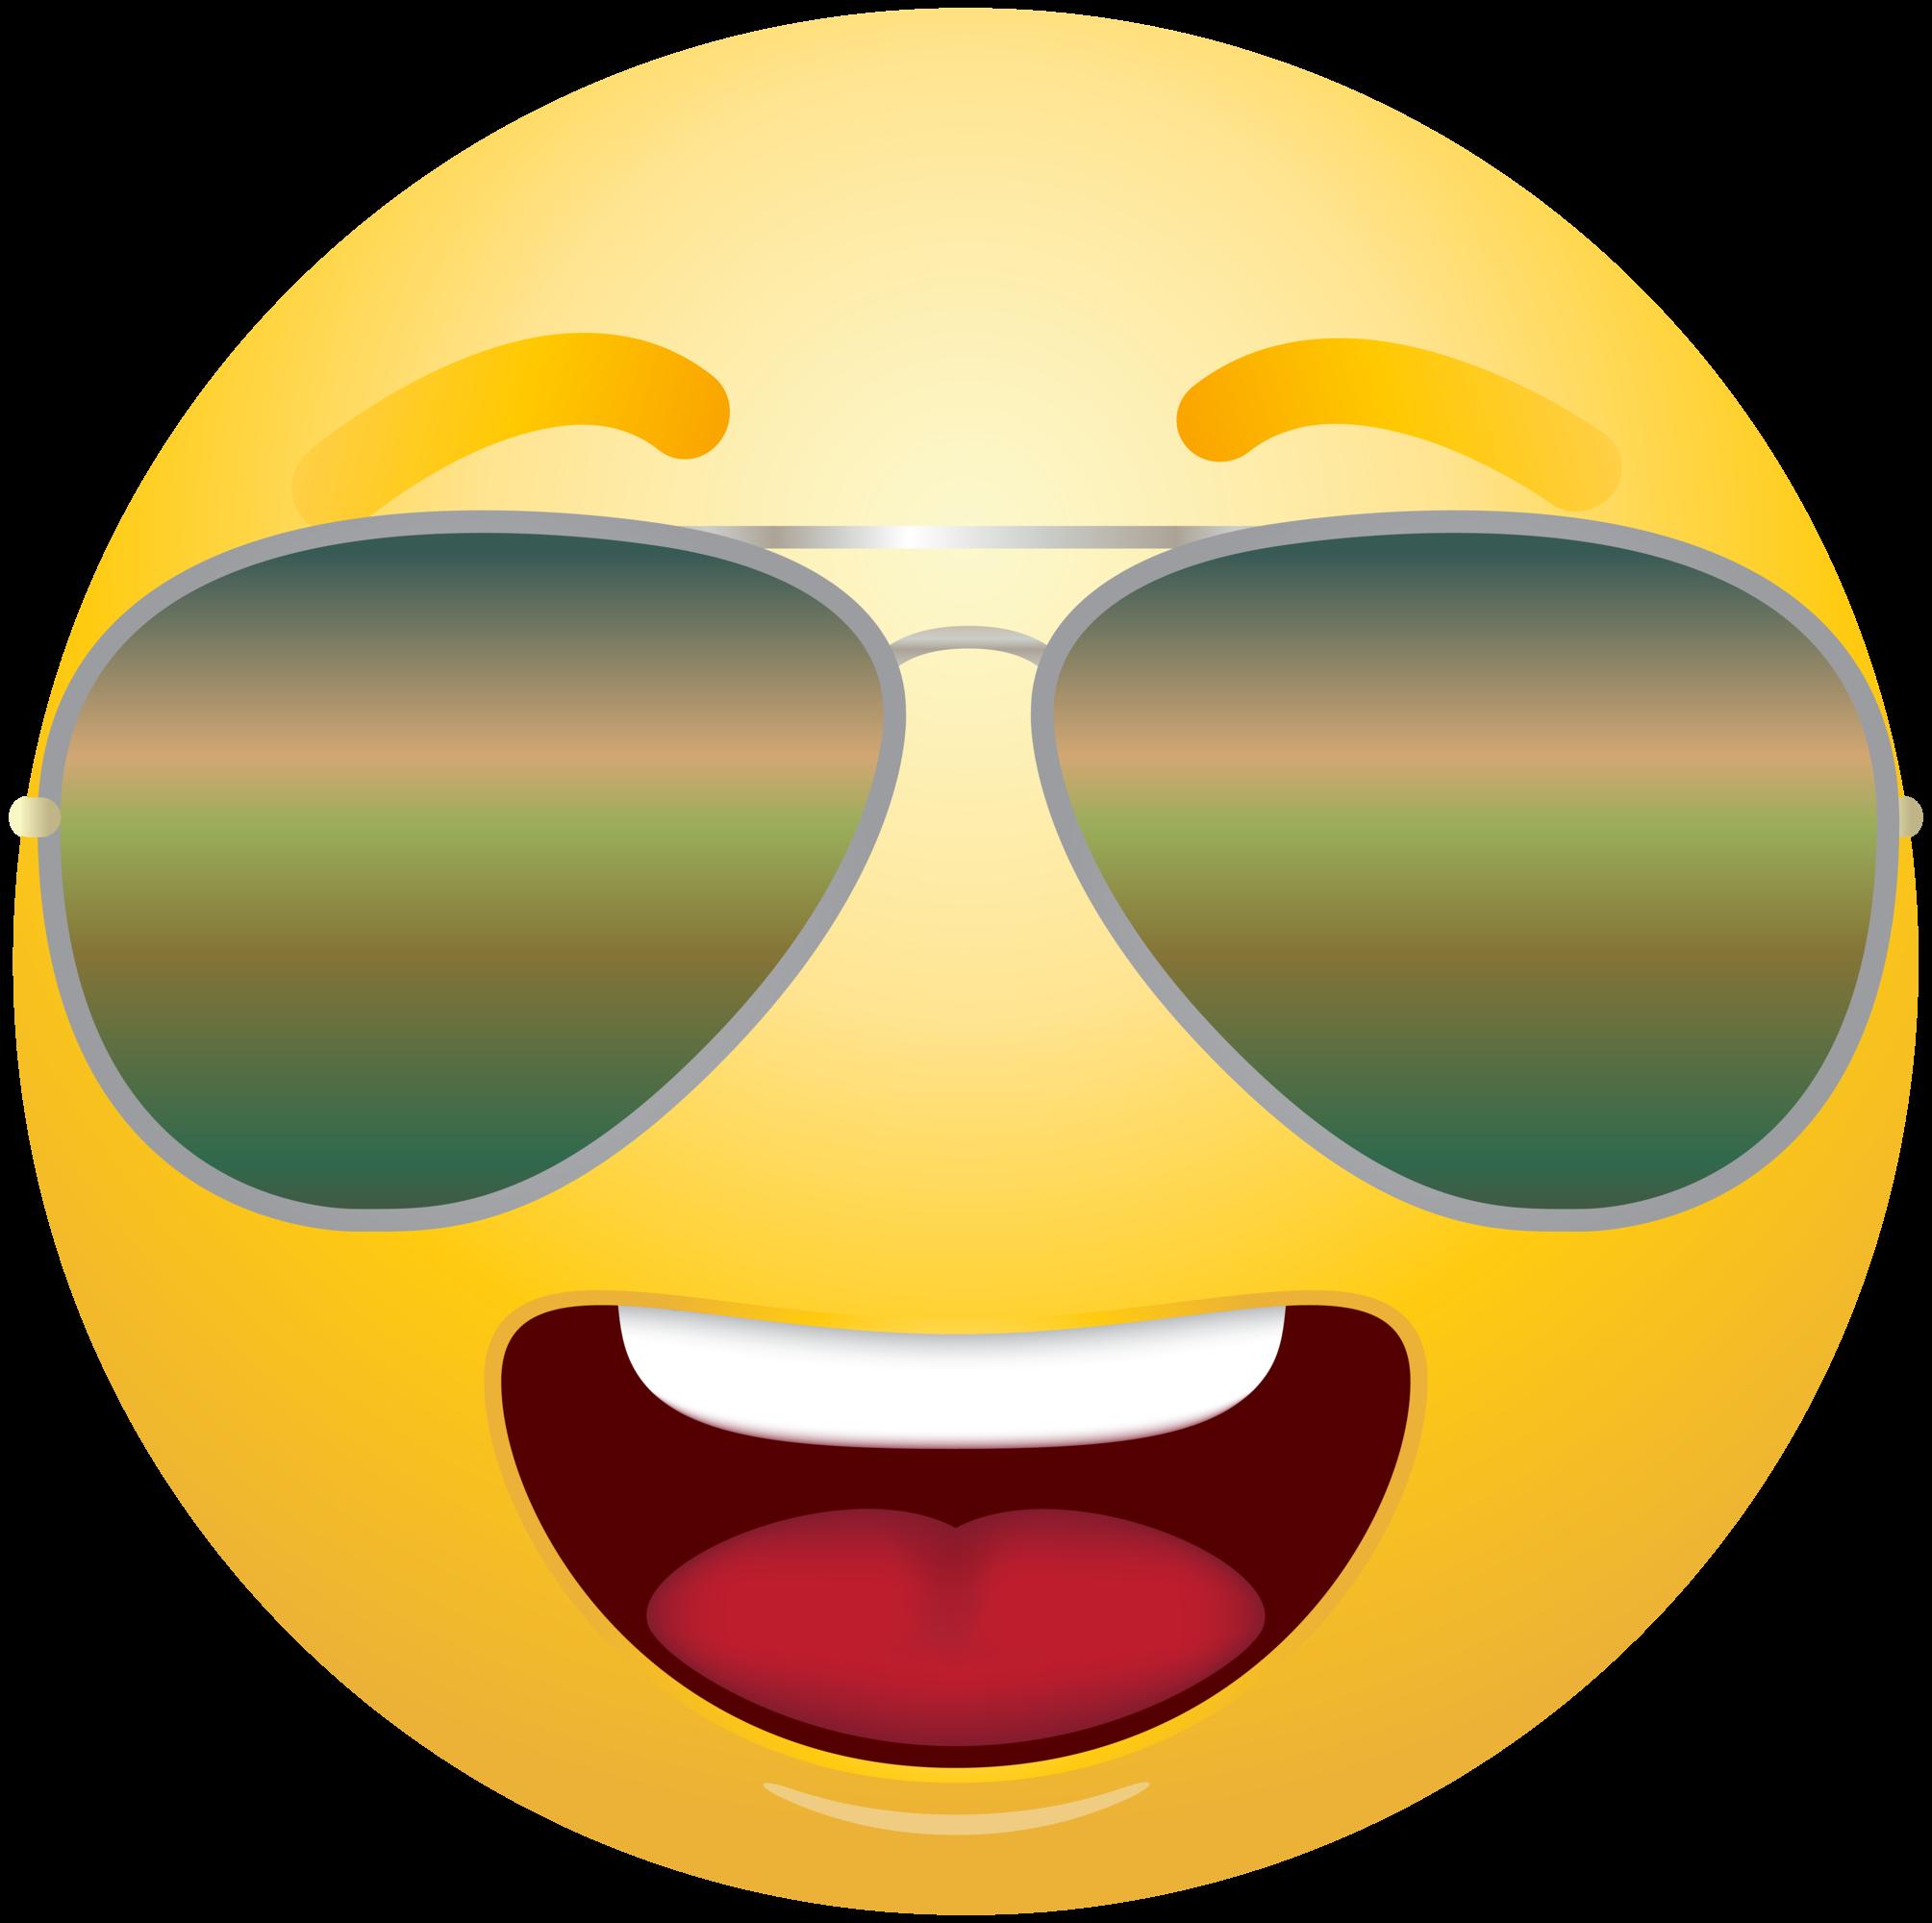 Sunglasses clipart emoji. Emoticon with info